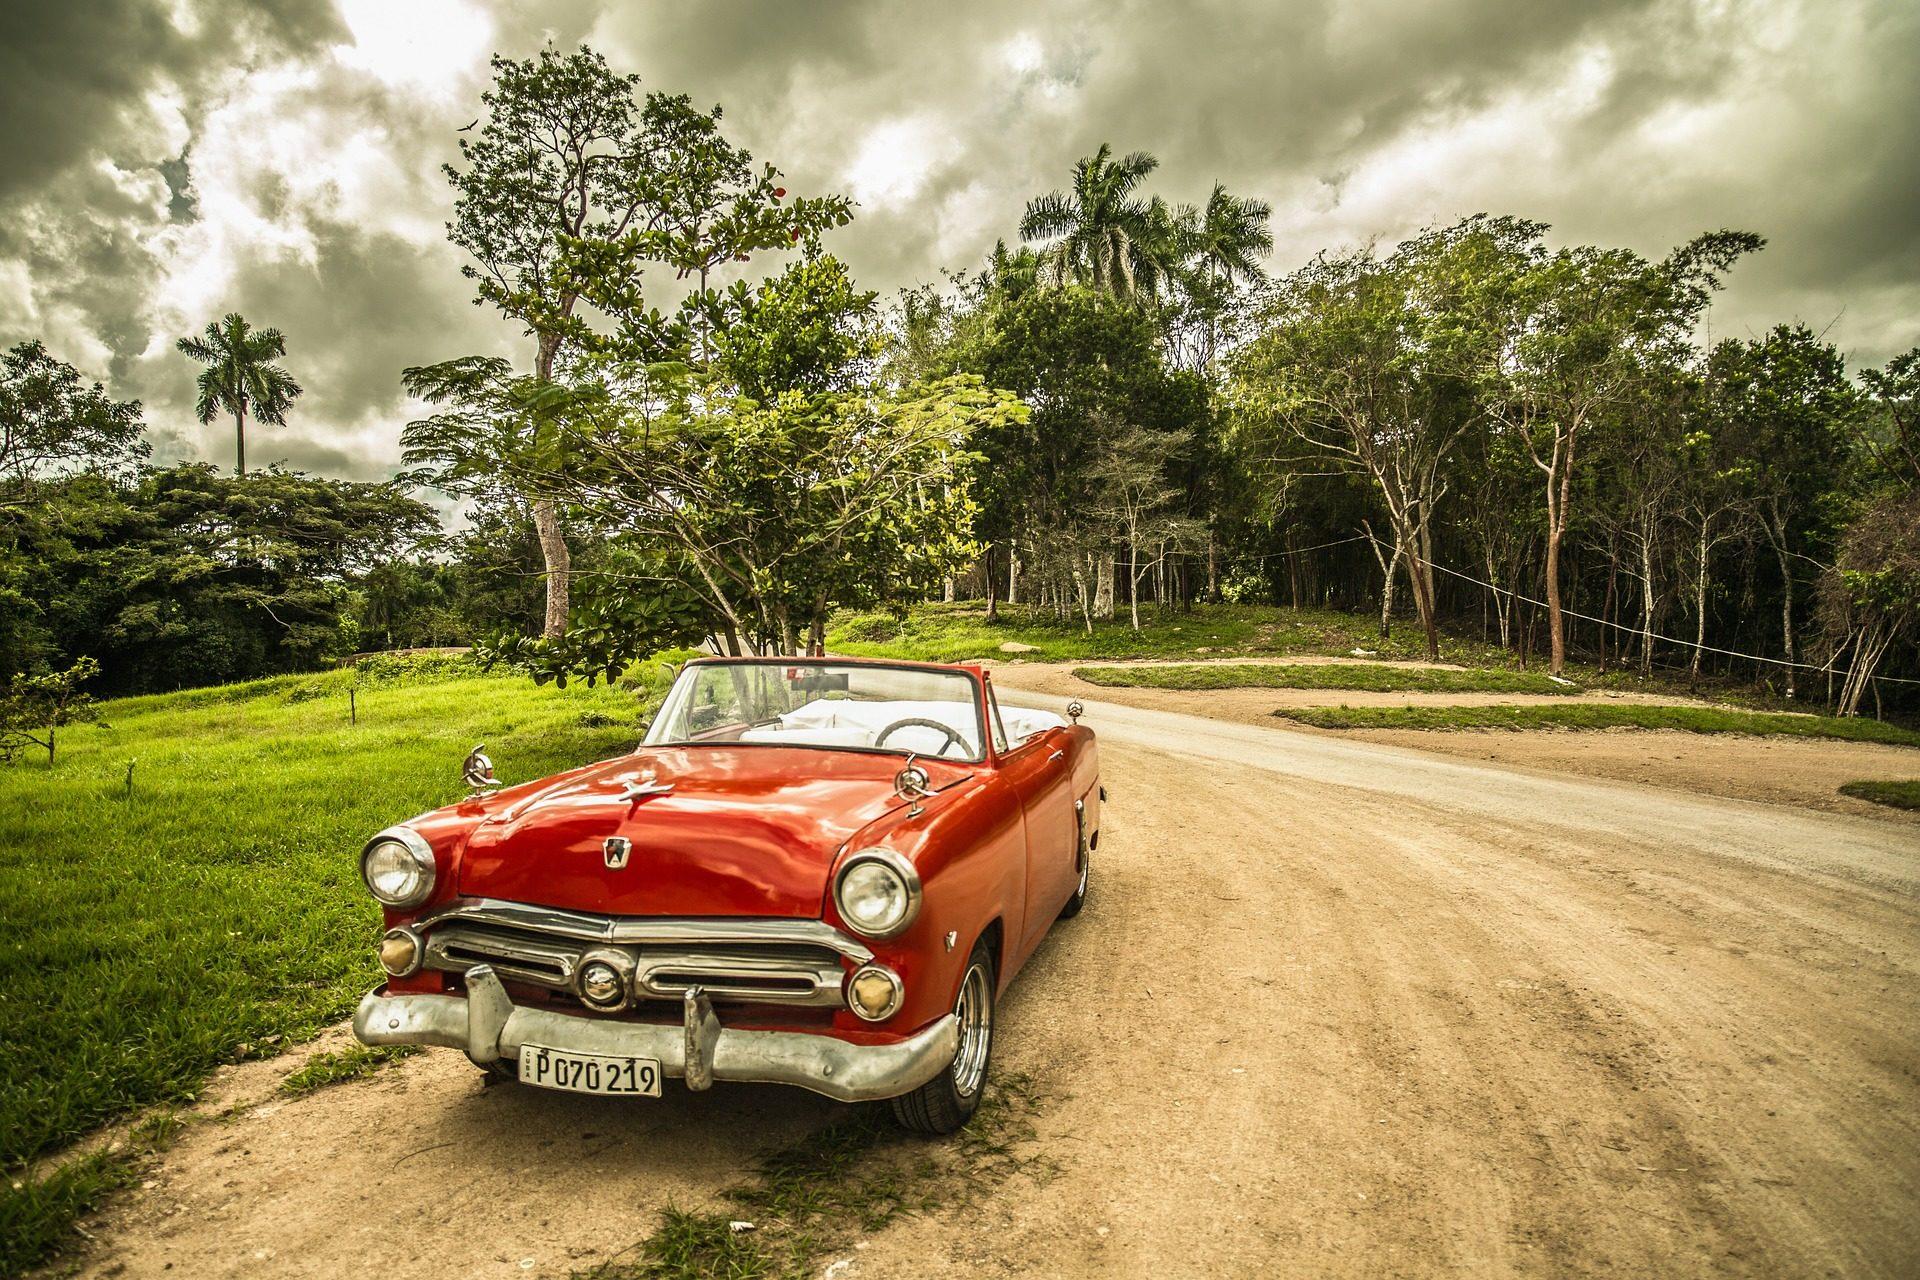 carro, Estrada, floresta, nuvens, árvores - Papéis de parede HD - Professor-falken.com